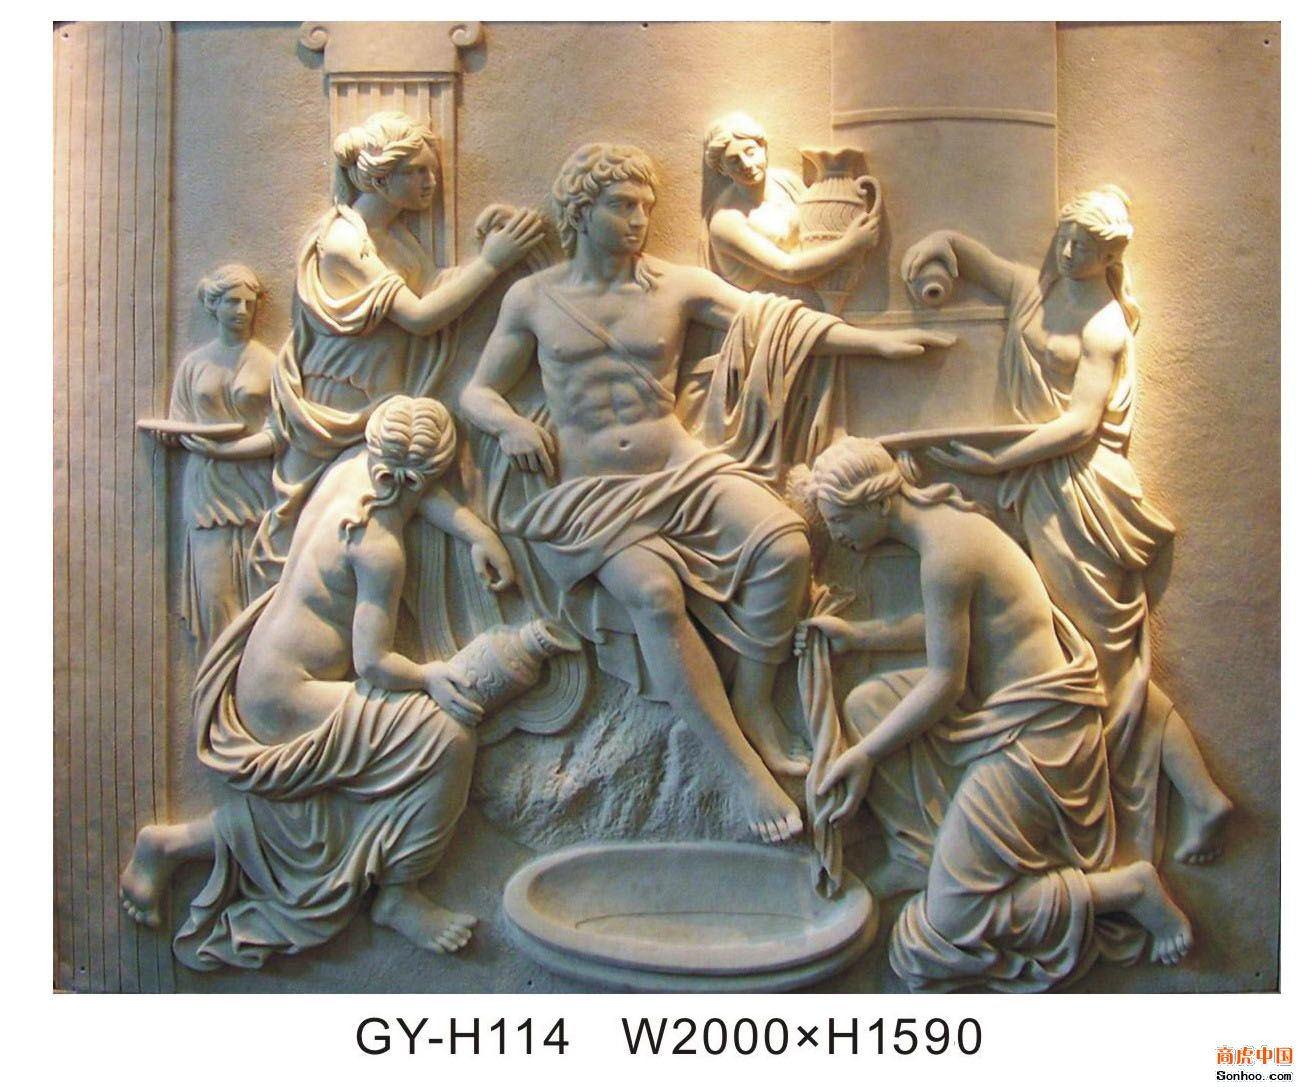 人物浮雕酒店会所欧式室内装饰壁画雕塑背景墙雕塑